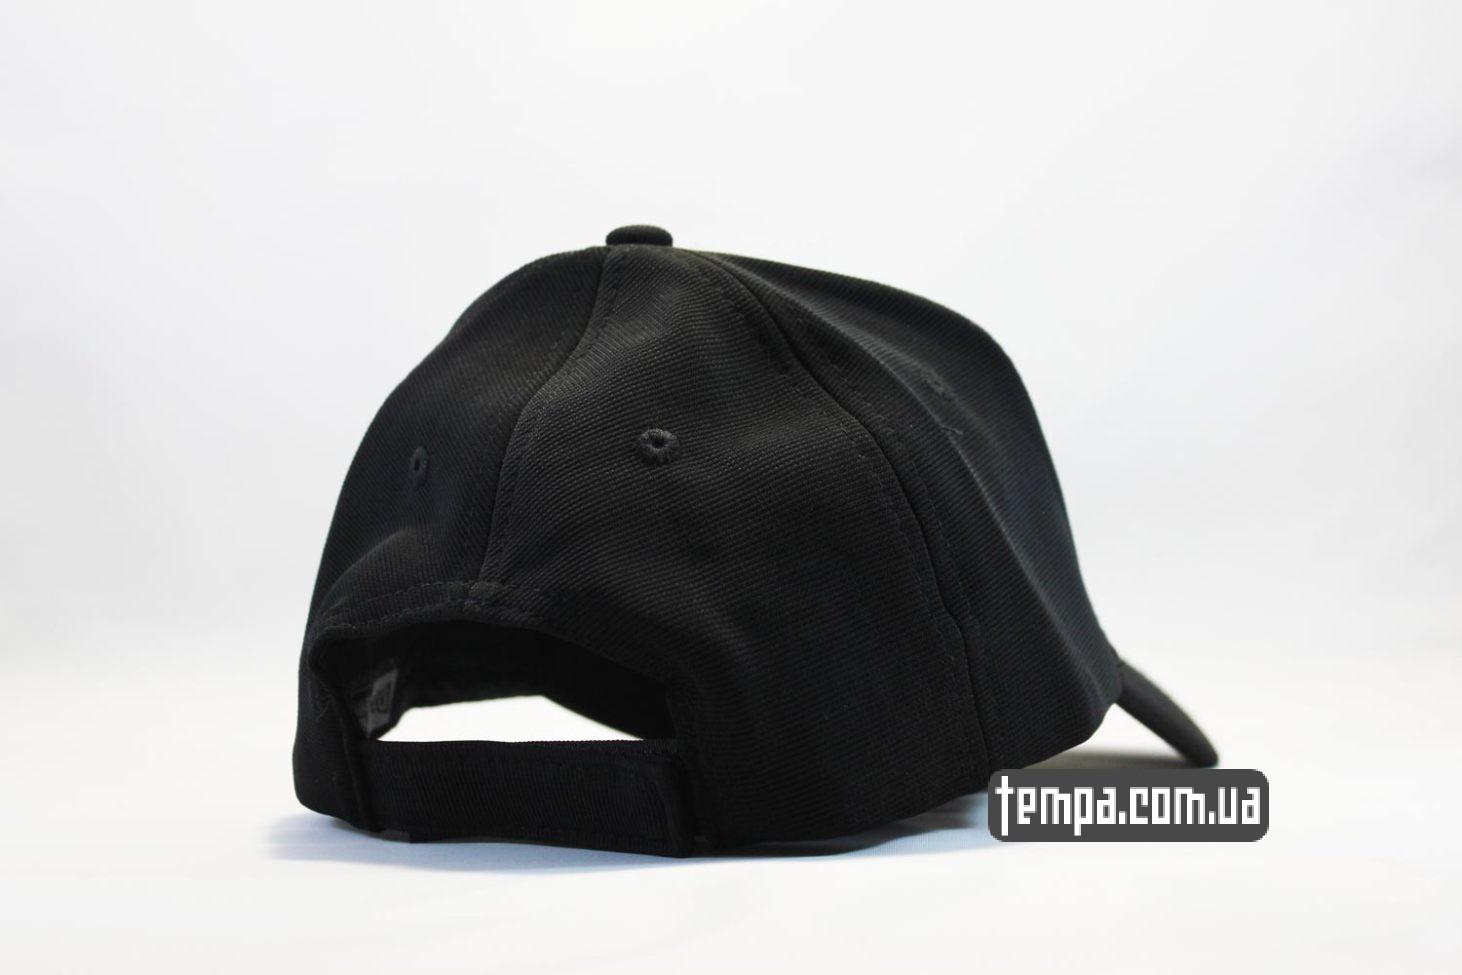 баскетбольная and1 одежда купить кепка бейсболка Chicago Bulls New Era с быком черная